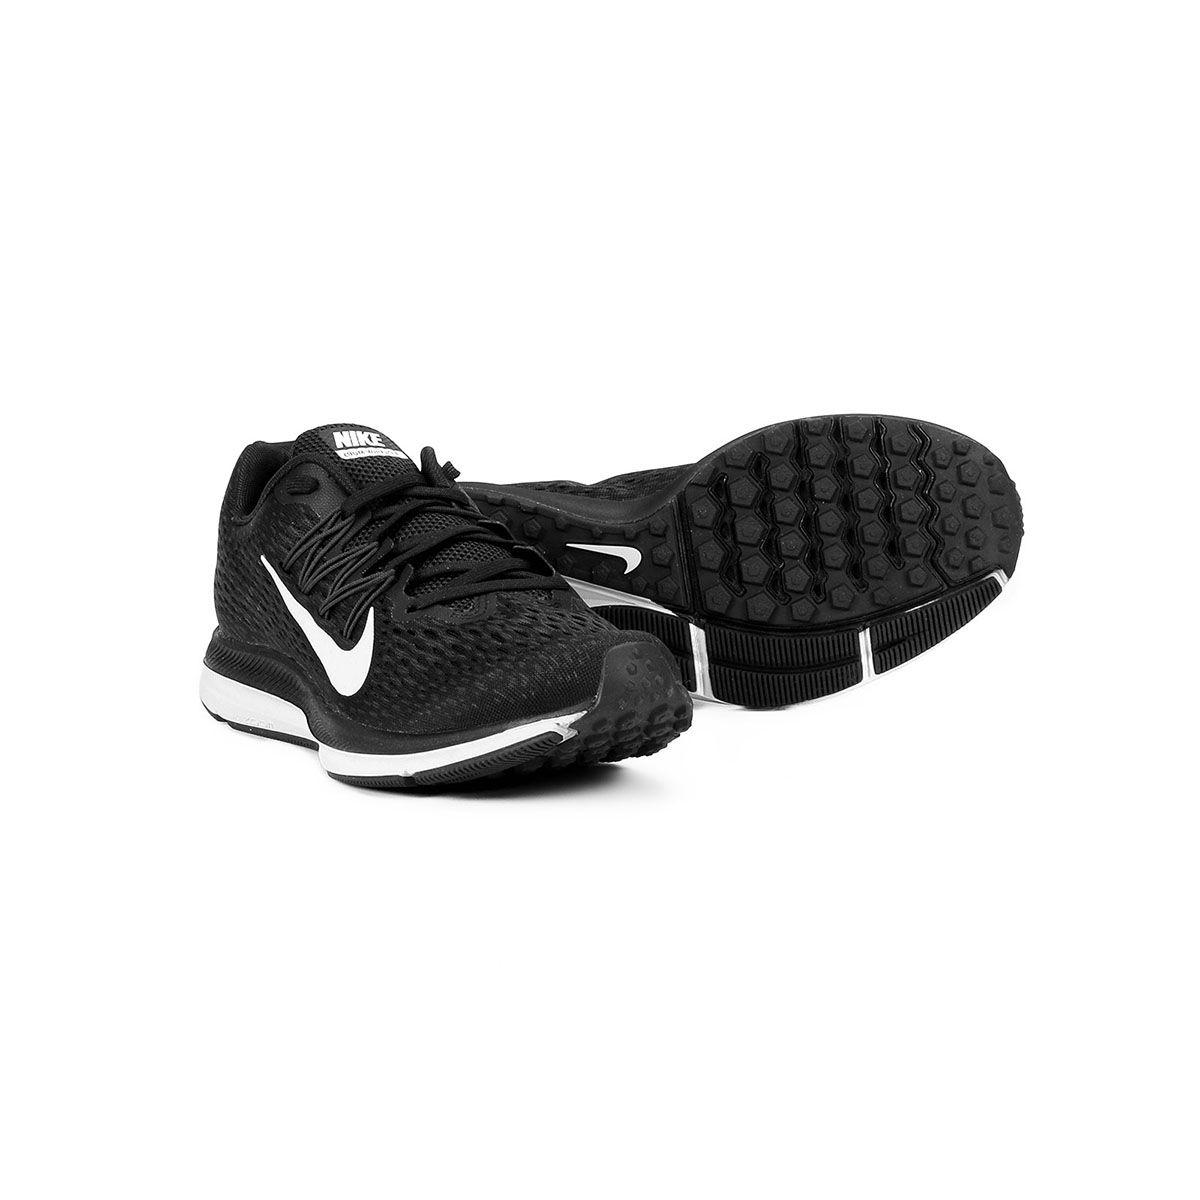 756074ccc7 Tênis Nike Zoom Winflo 5 Masculino